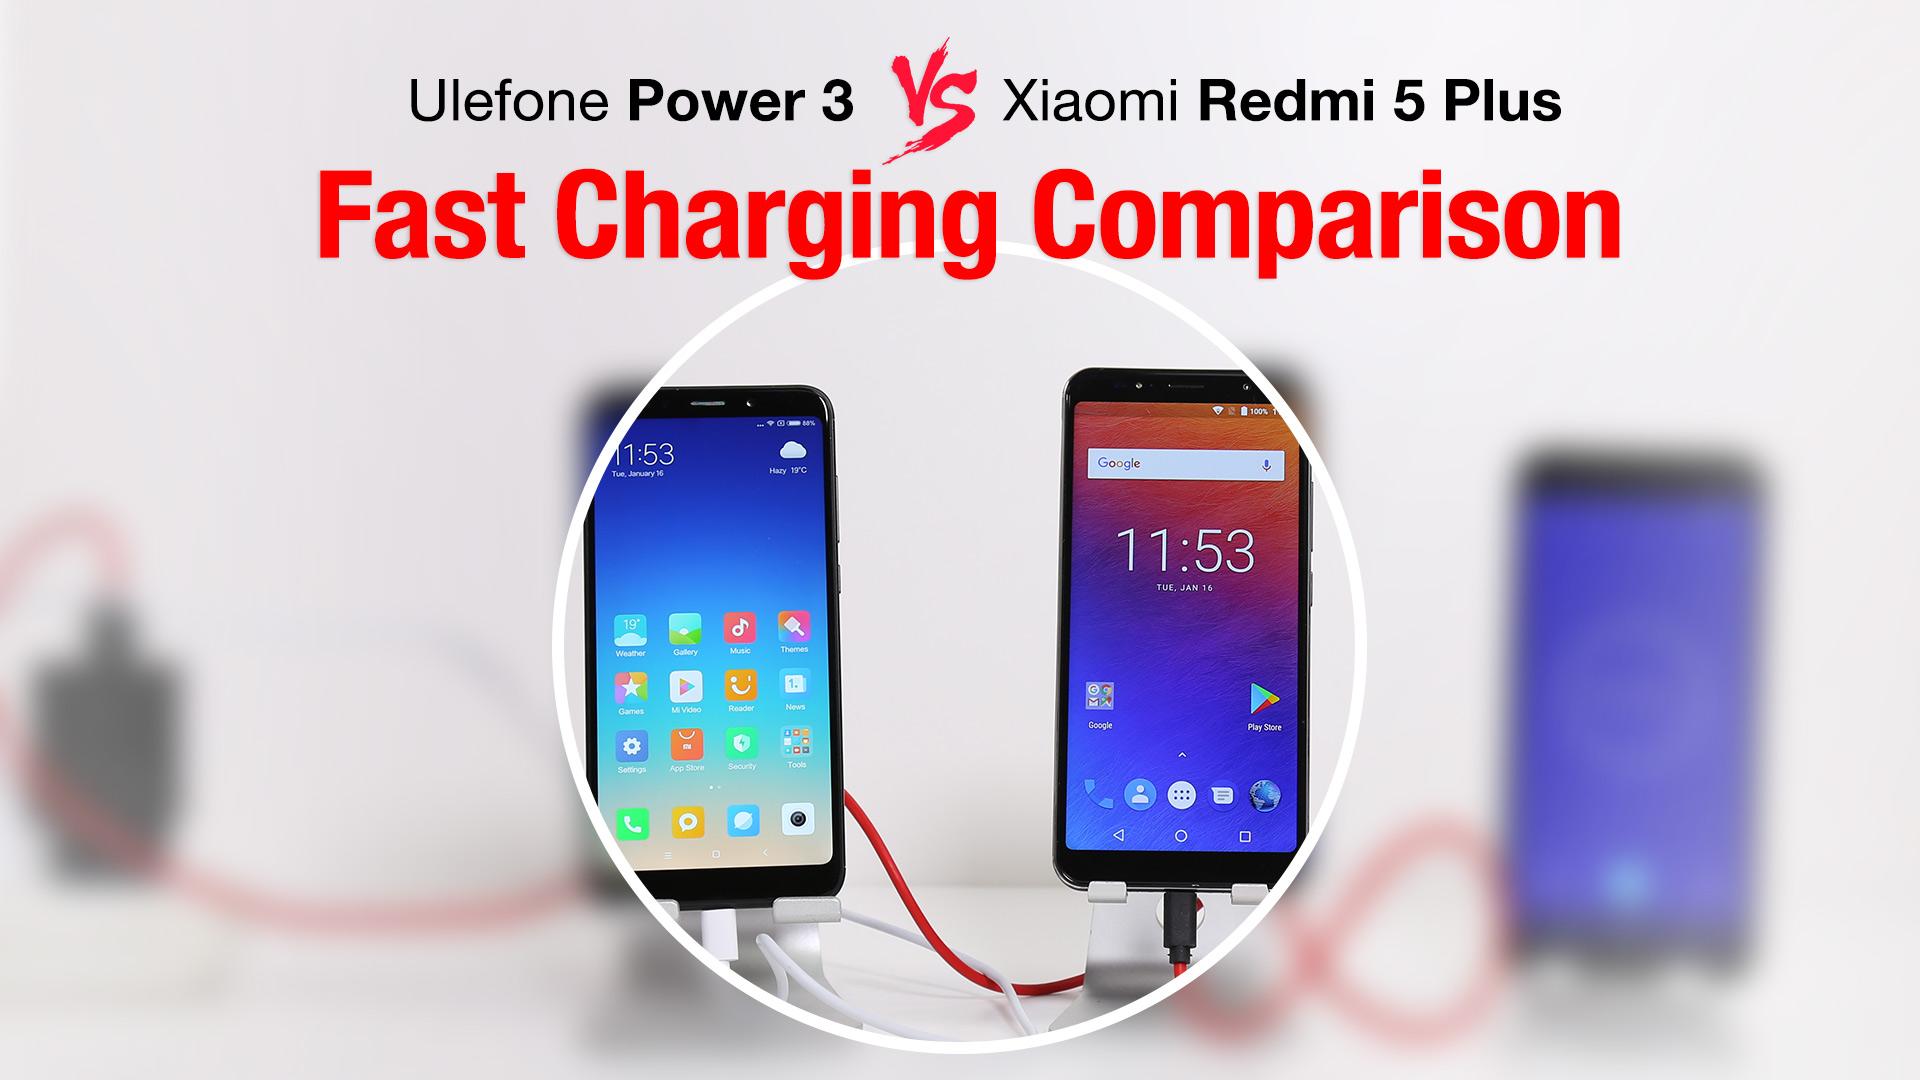 Porovnán bateri Ulefone Power 3 VS Xiaomi Redmi 5 Plus [sponzorovan½ článek]